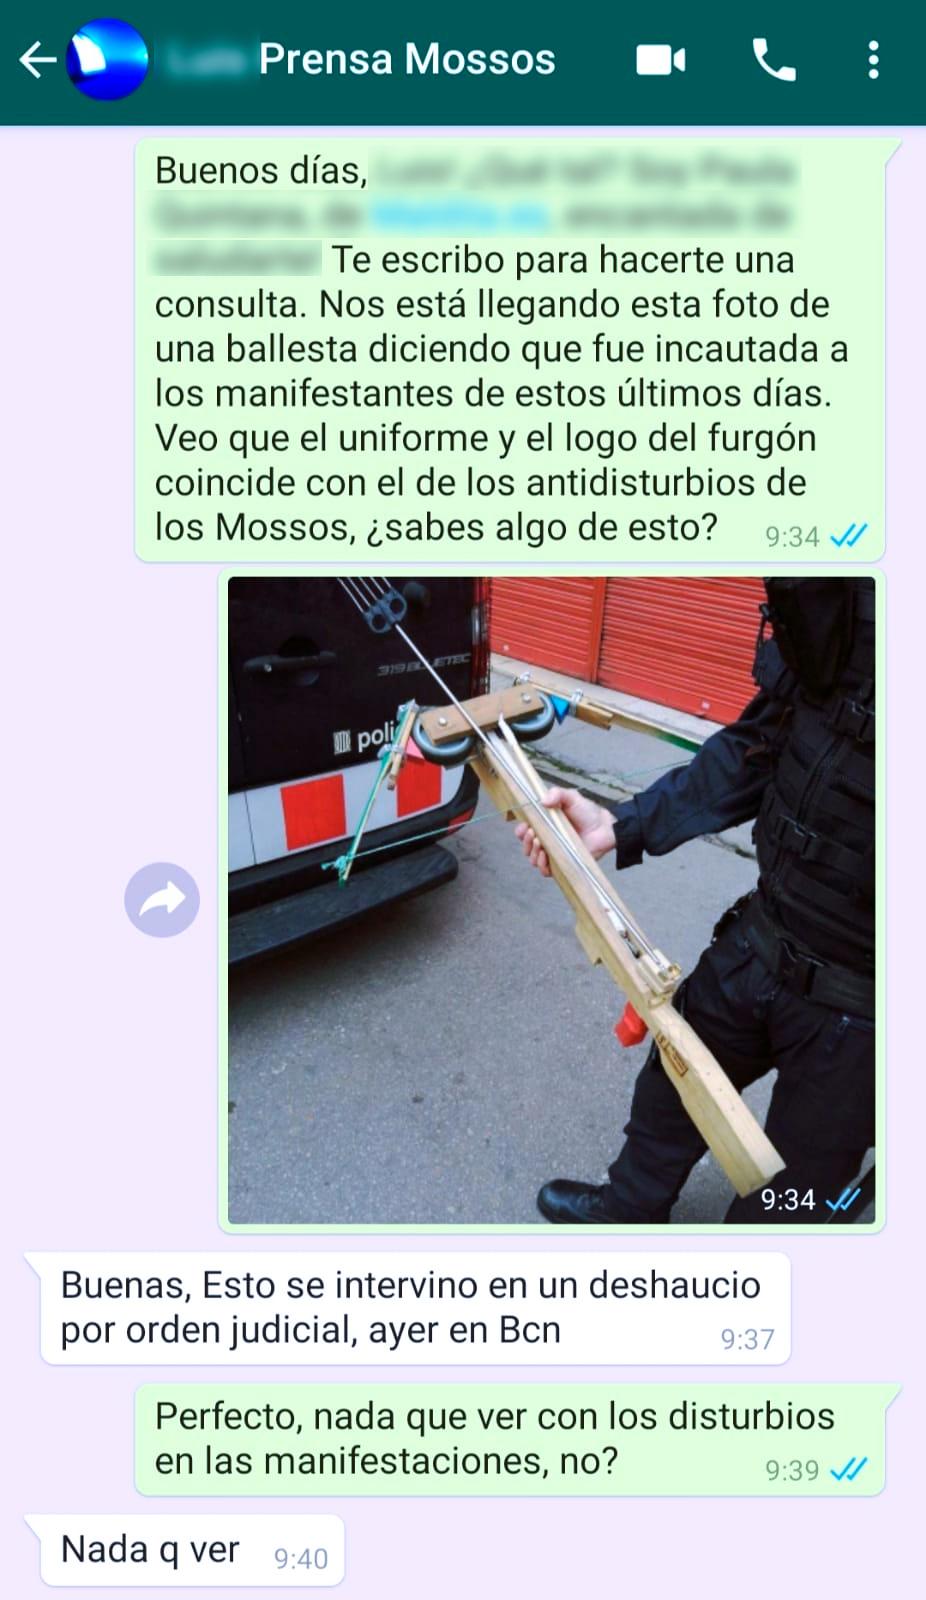 No, la ballesta de madera no fue requisada por los Mossos durante las manifestaciones por Pablo Hasél: Se incautó durante un desahucio